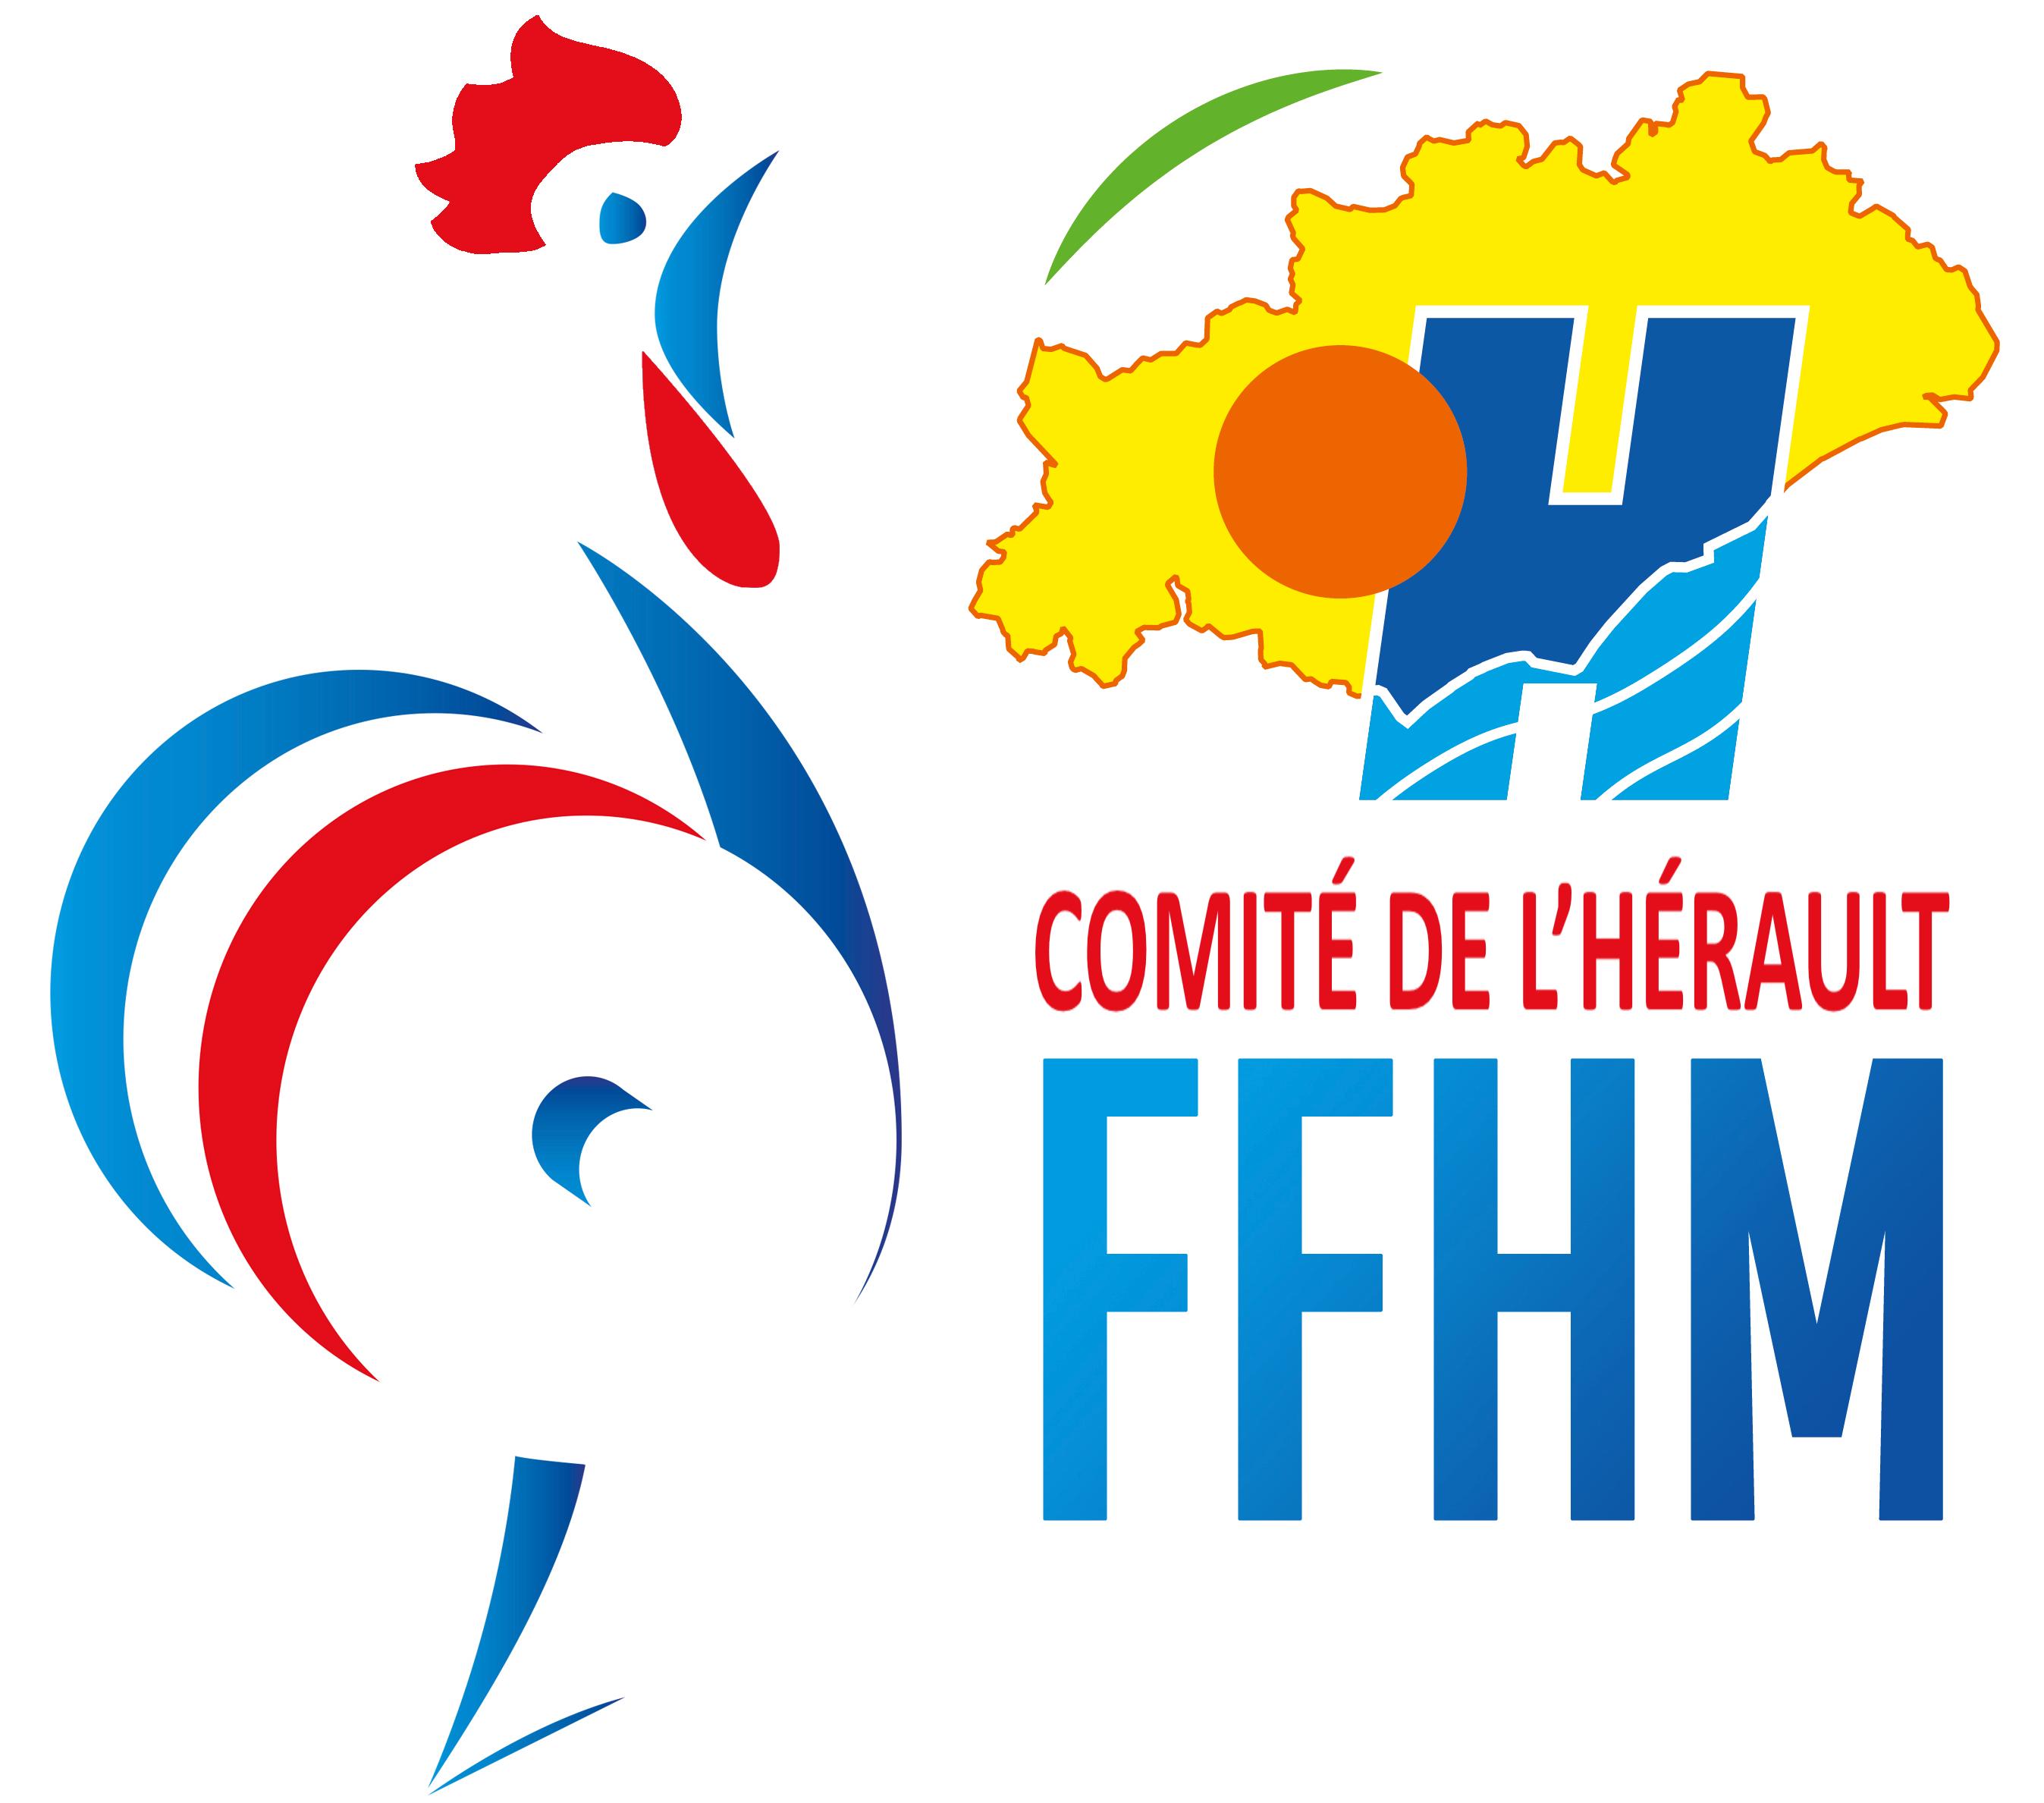 Bernard SOTO réélu Président du Comité de l'Hérault FFHM